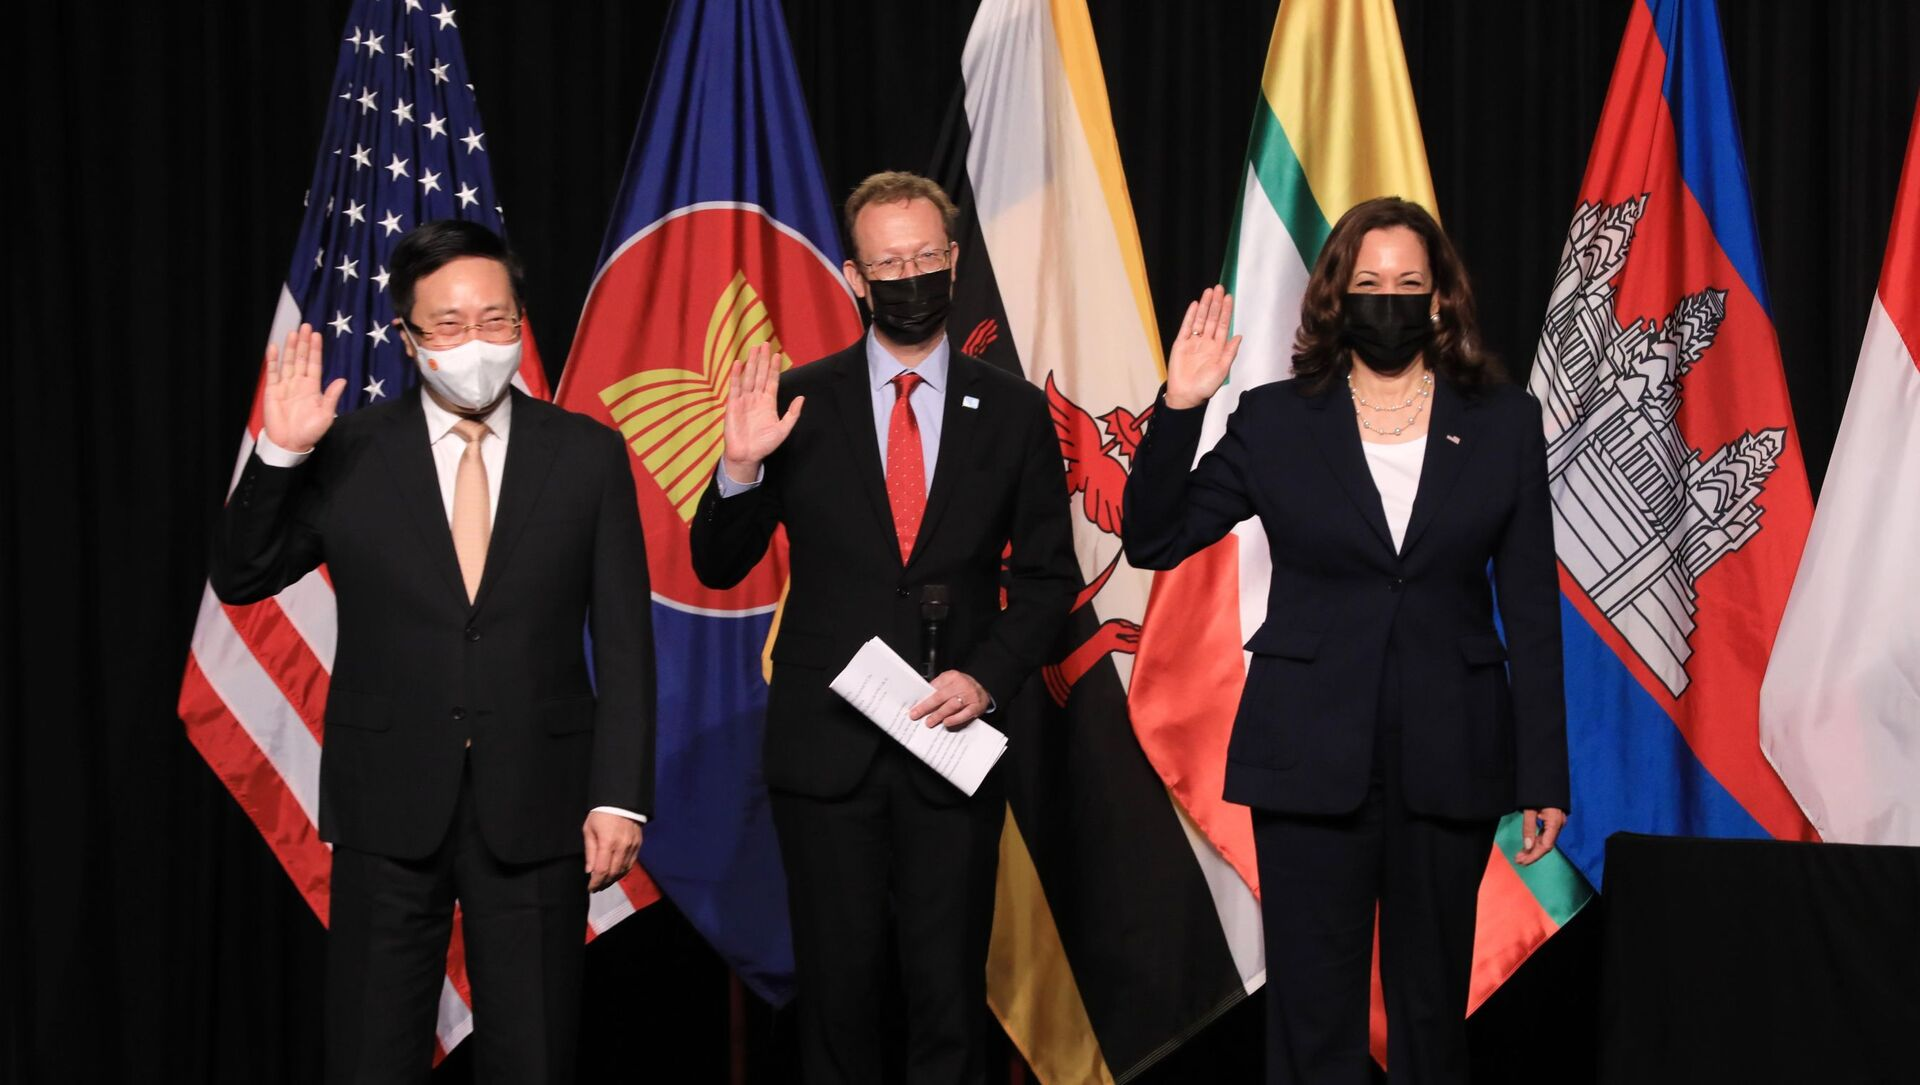 Phó Tổng thống Kamala Harris dự khai trương Văn phòng CDC Hoa Kỳ khu vực Đông Nam Á - Sputnik Việt Nam, 1920, 17.09.2021